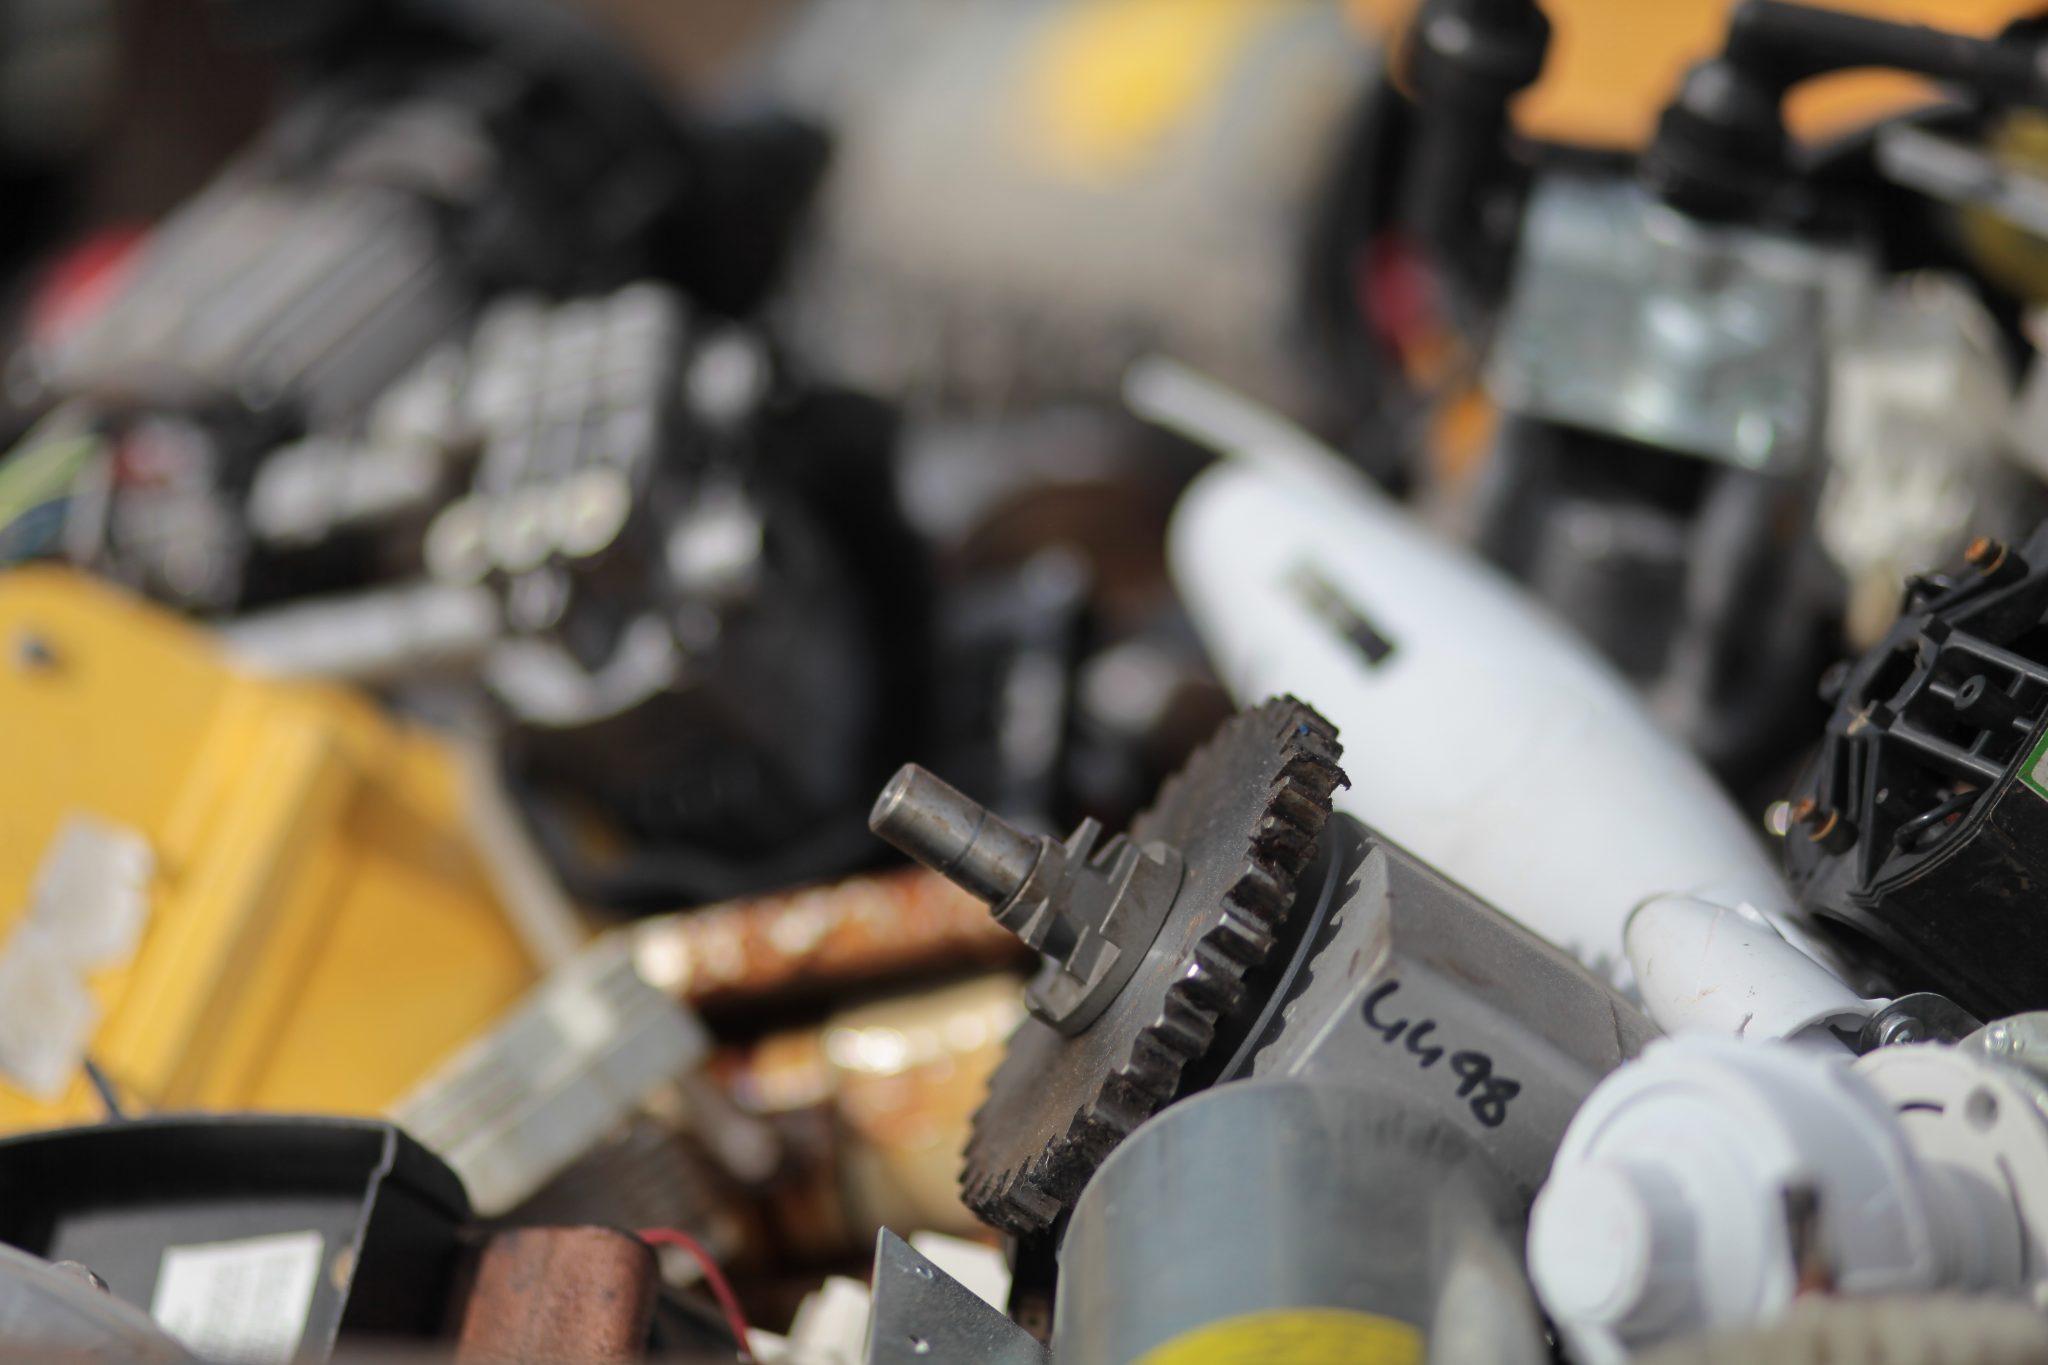 Scrap Metal Clearance in Runcorn